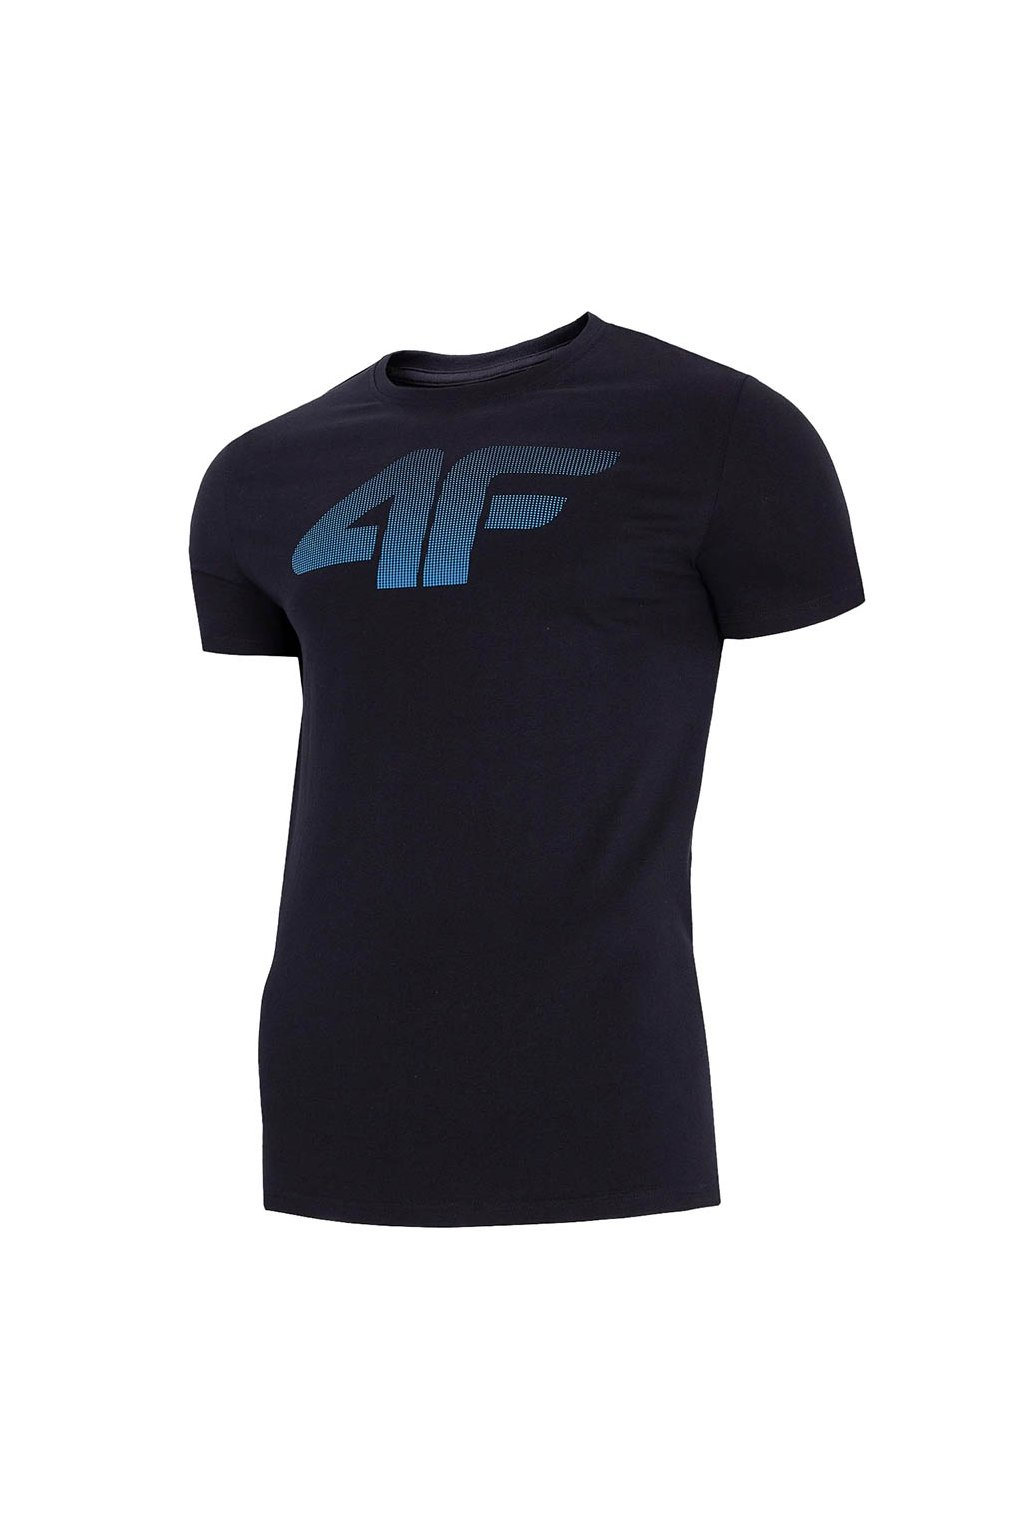 Pánske tričko 4F tmavo modré NOSD4 TSM302 31S